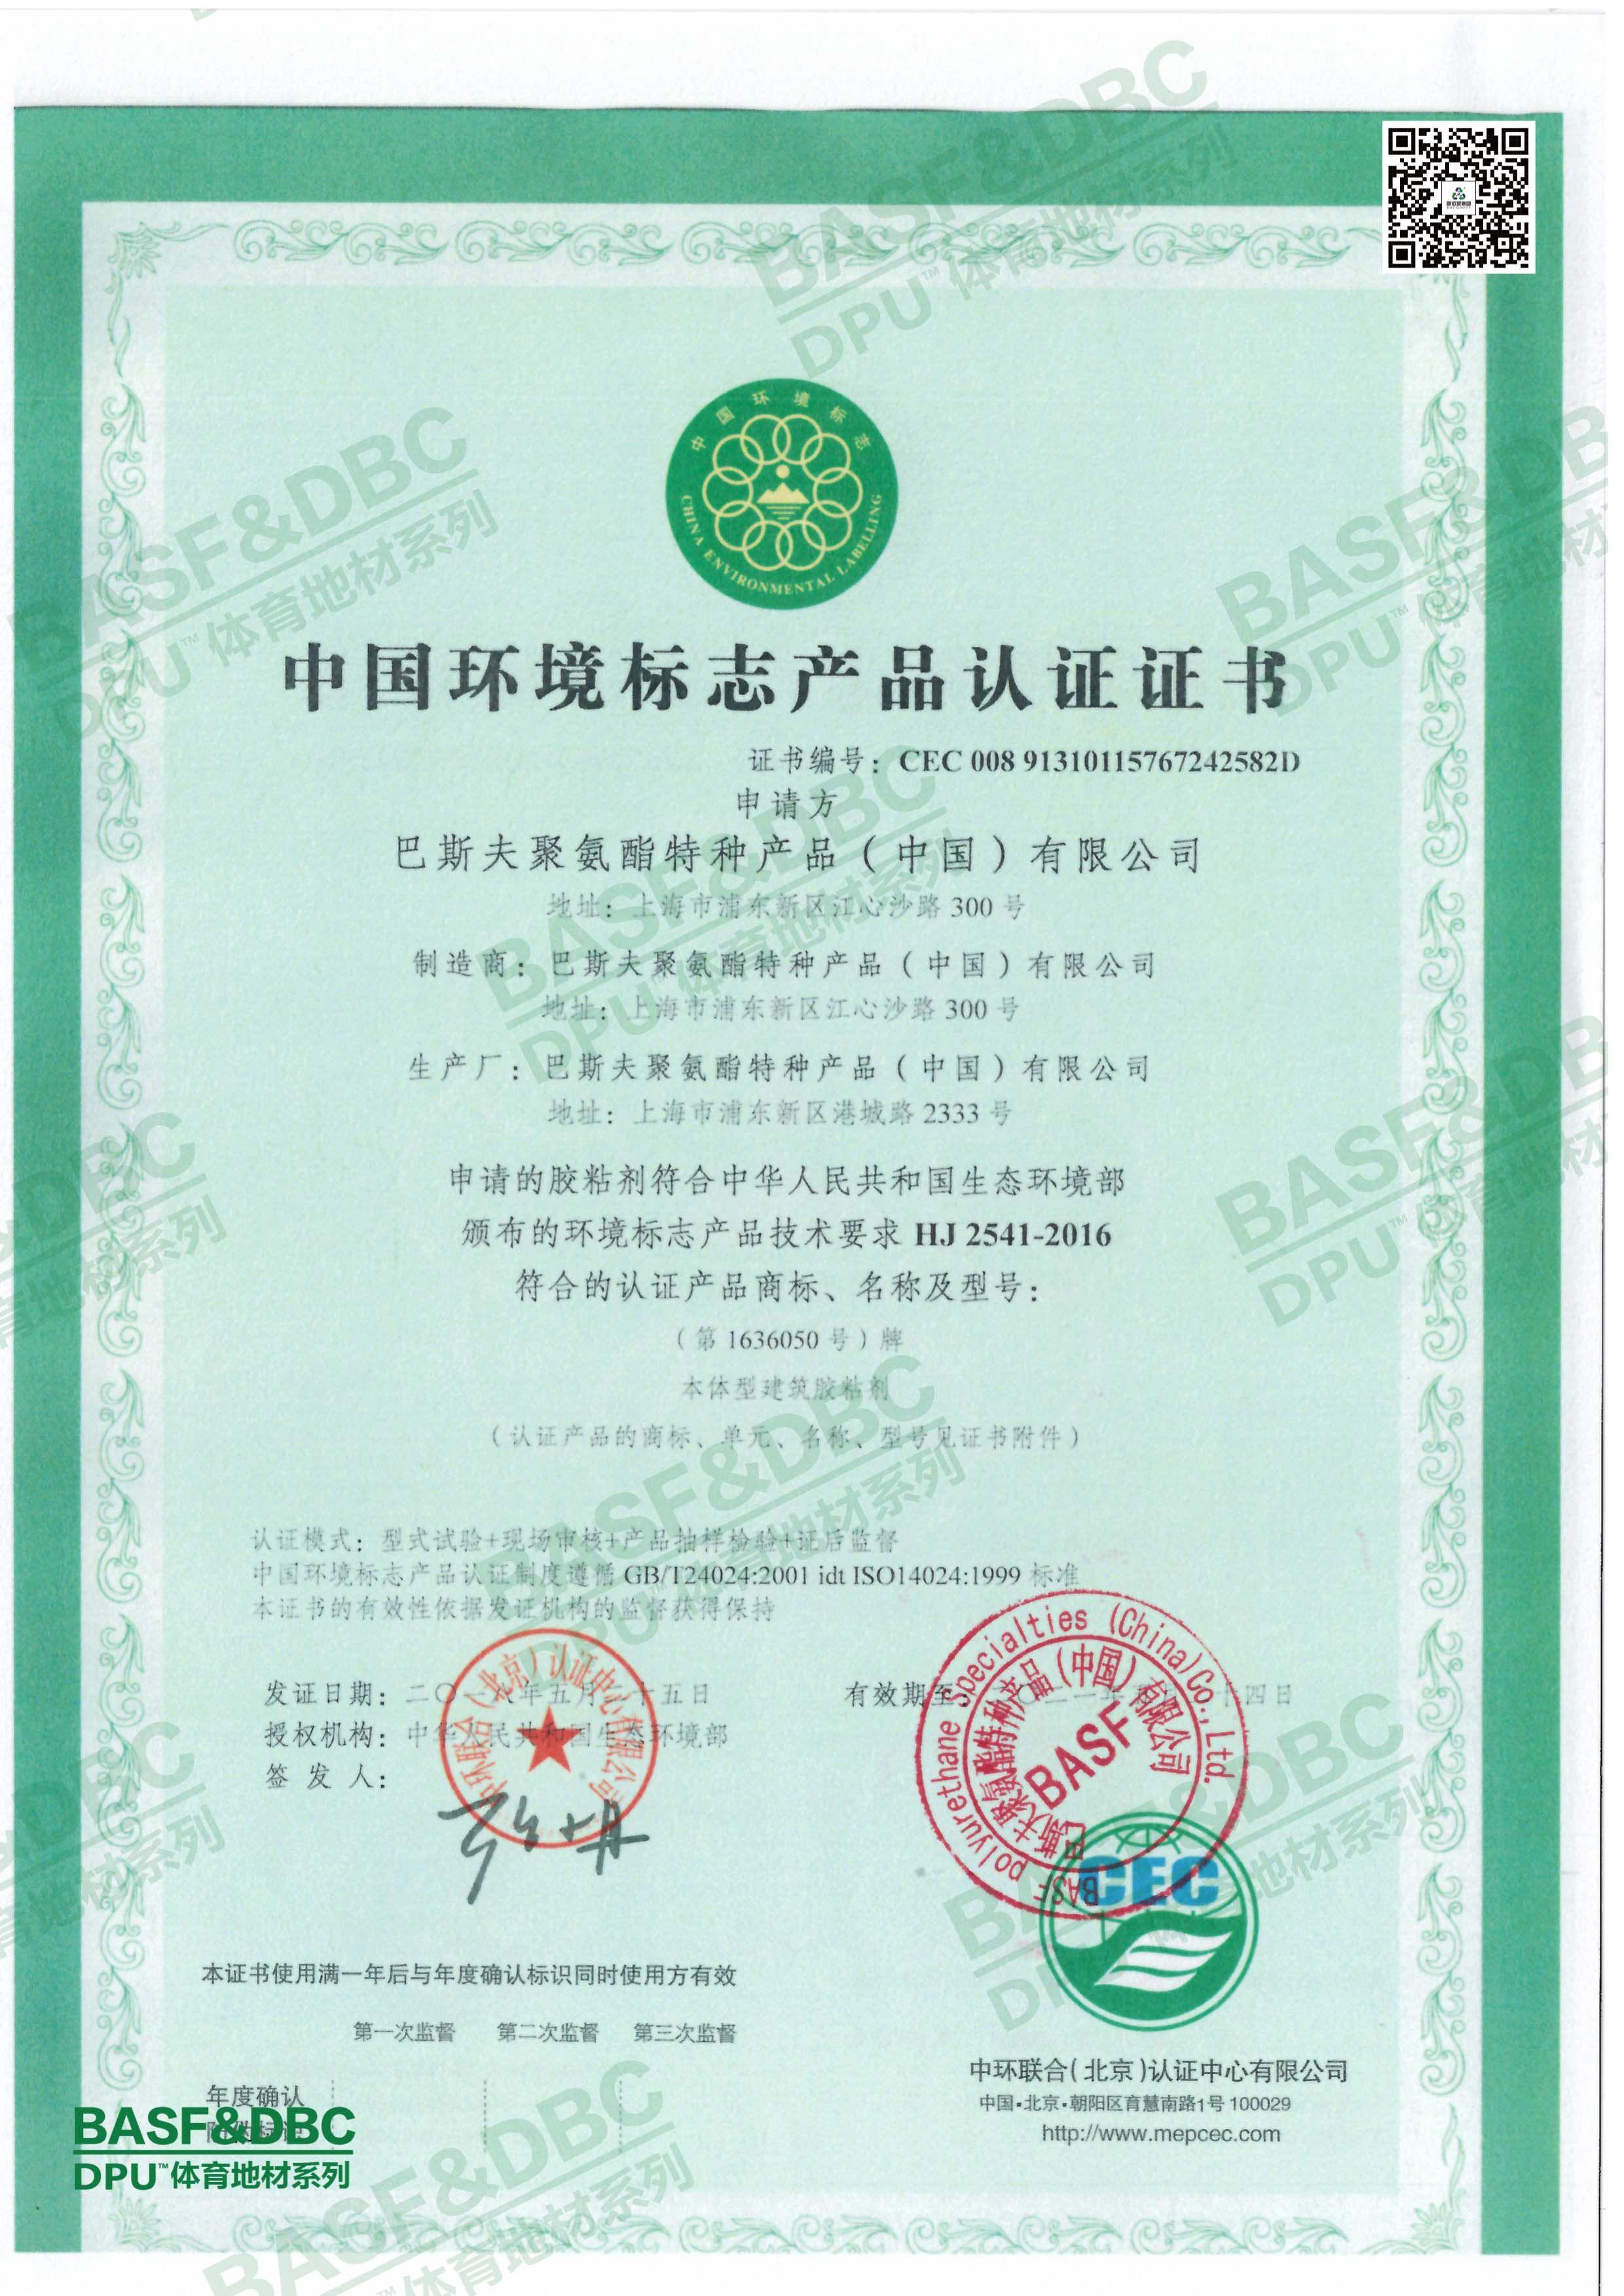 十環認證蓋章-1